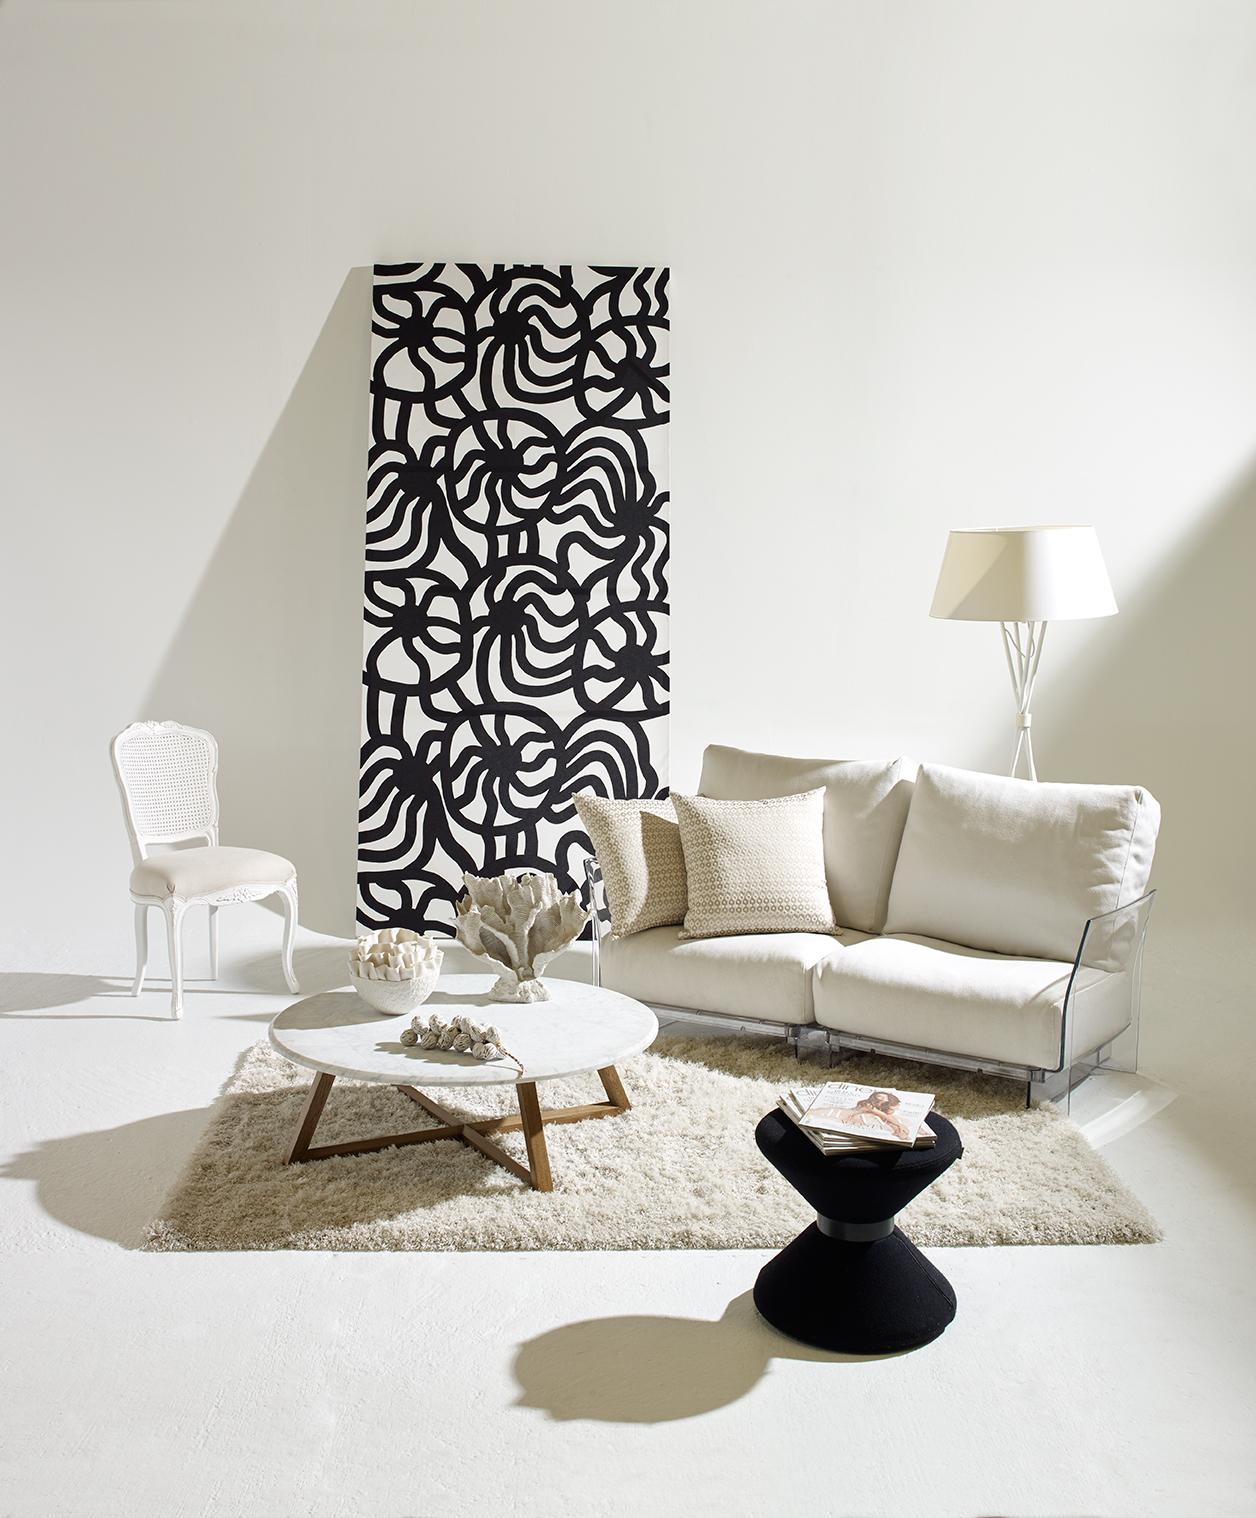 El mármol puede ser una pieza funcional y elegante a la vez.